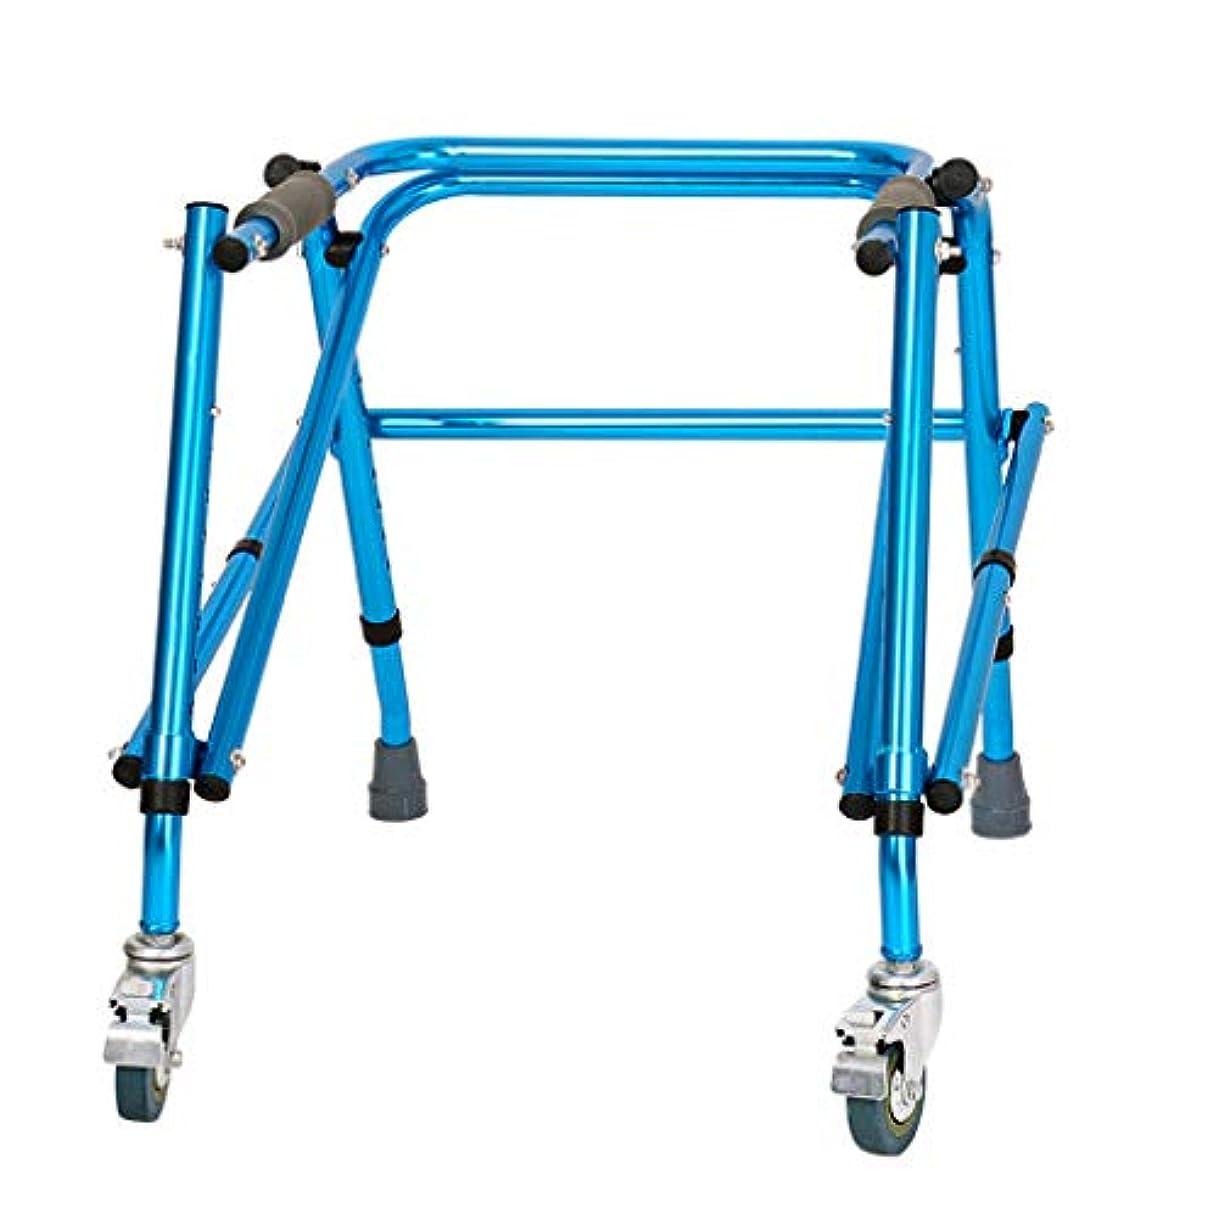 概してピジンブルームYxsd 子供下肢トレーニングとリハビリテーション機器/立ち歩行スタンド/ウォークエイド/ウォーカー/スタンドフレーム付きホイールリハビリ機器